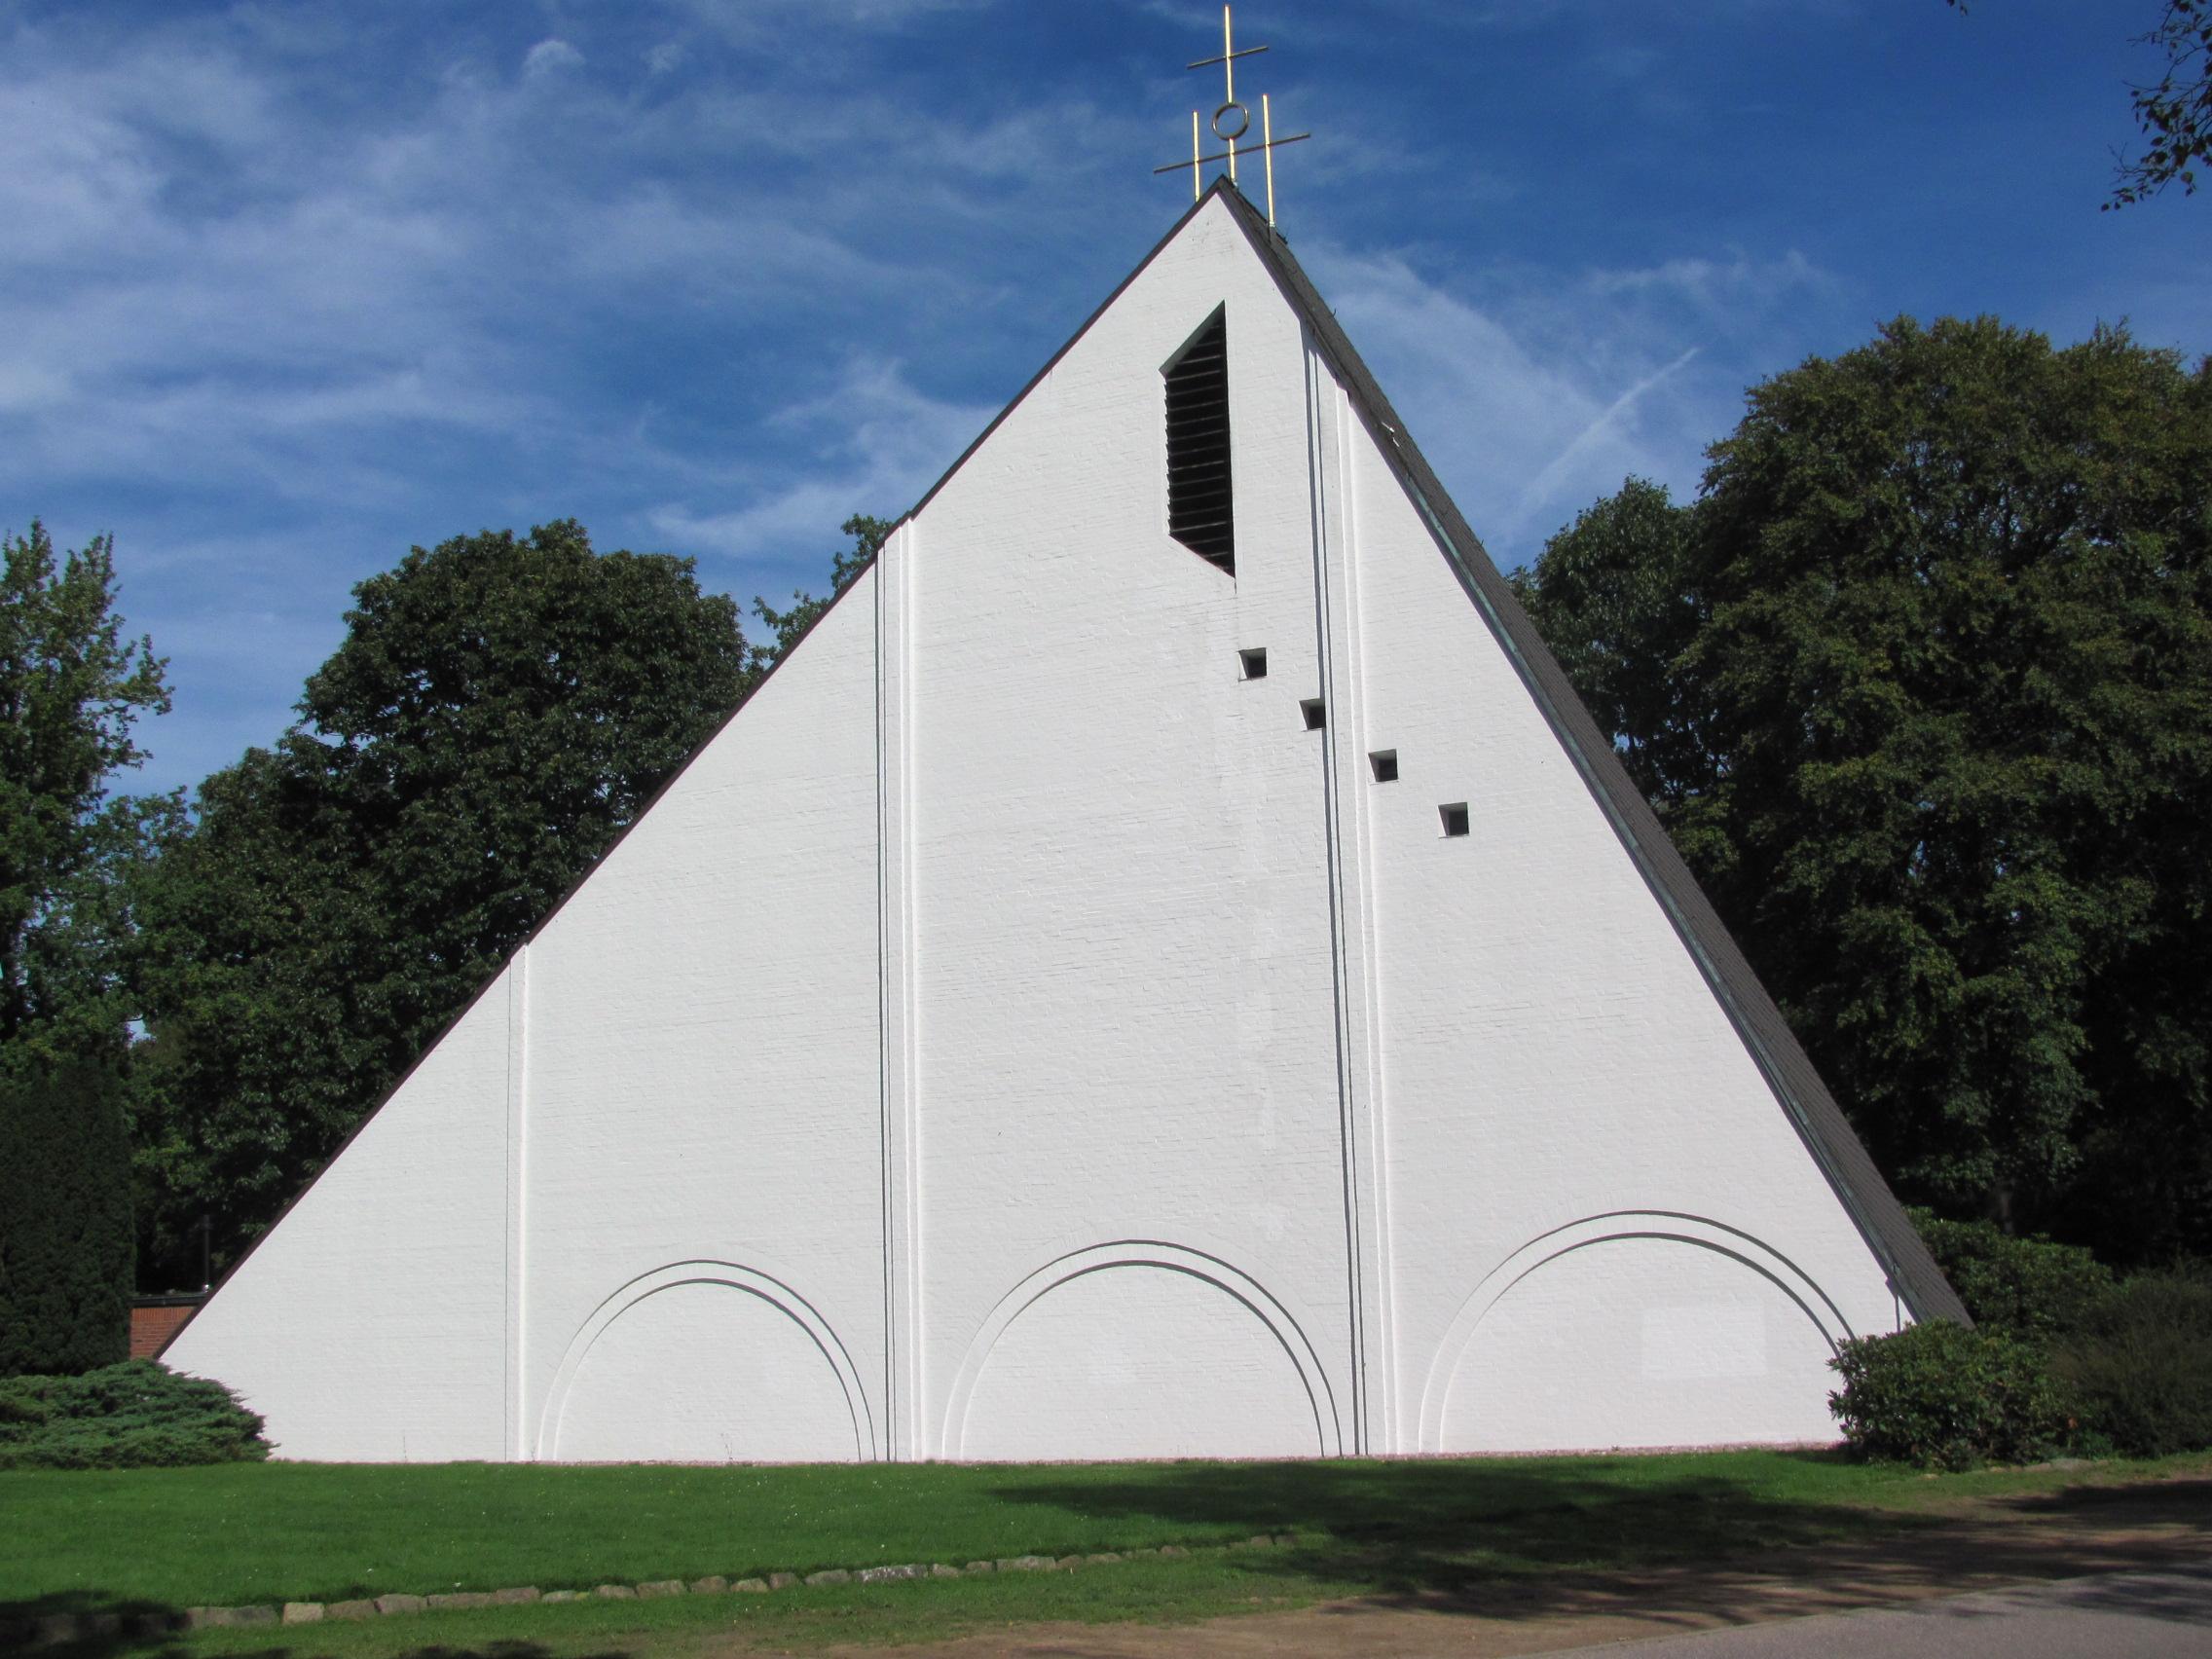 Ansicht der Dreifaltigkeitskirche der evangelisch-lutherischen Gemeinde Hohenlockstedt